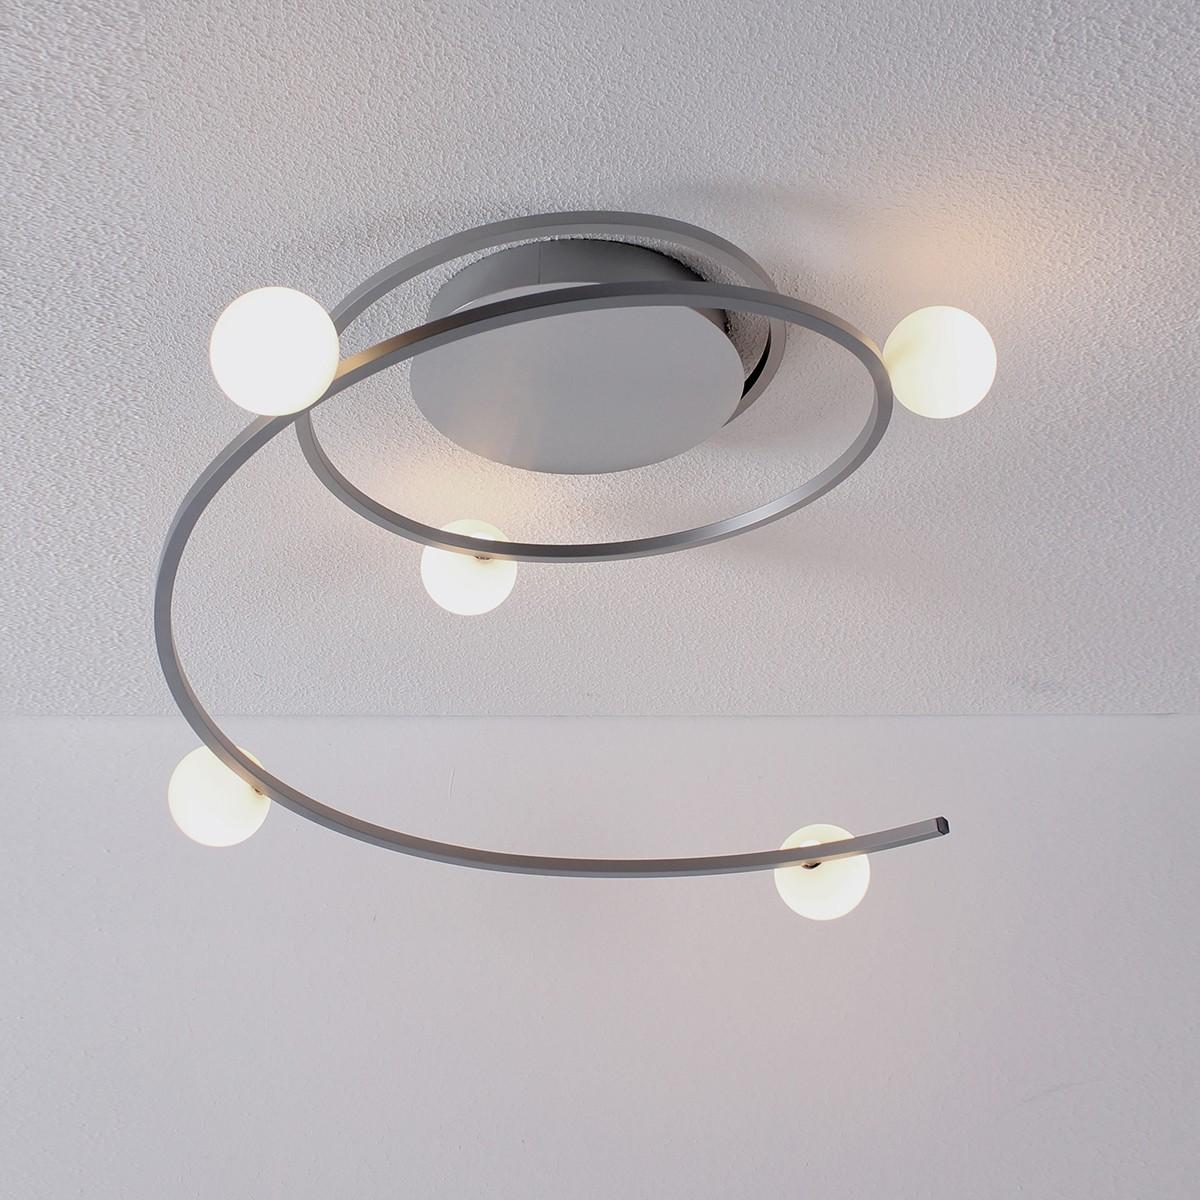 Bopp Loop Deckenleuchte, Aluminium / Glas opal, extern dimmbar